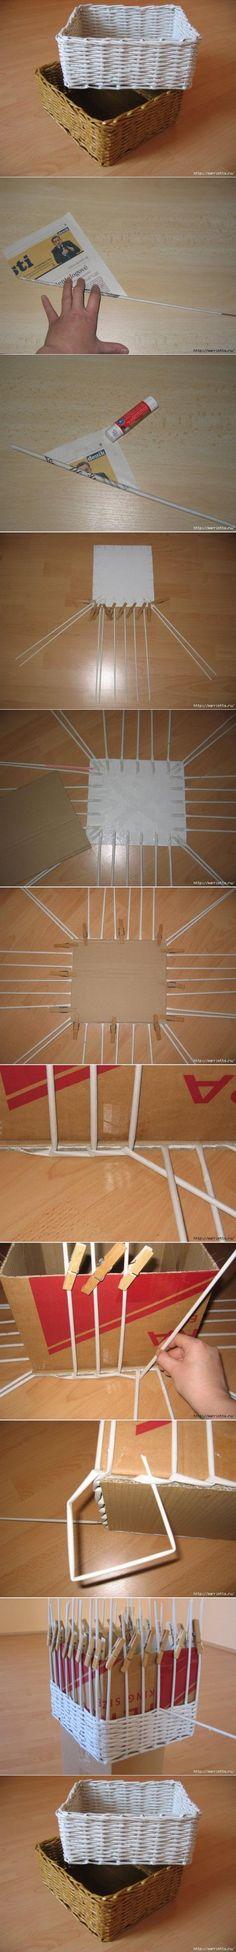 DIY Simple Newspaper Weave Basket DIY Simple Newspaper Weave Basket